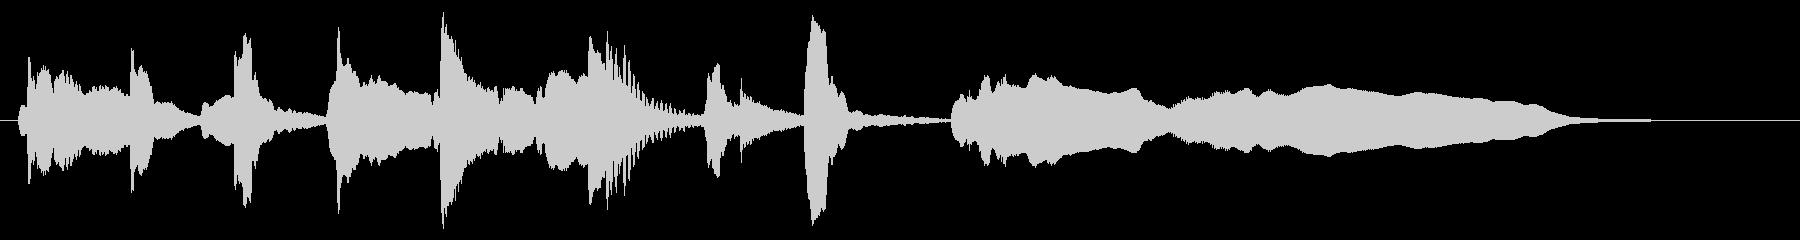 ねこの可愛いジングルの未再生の波形